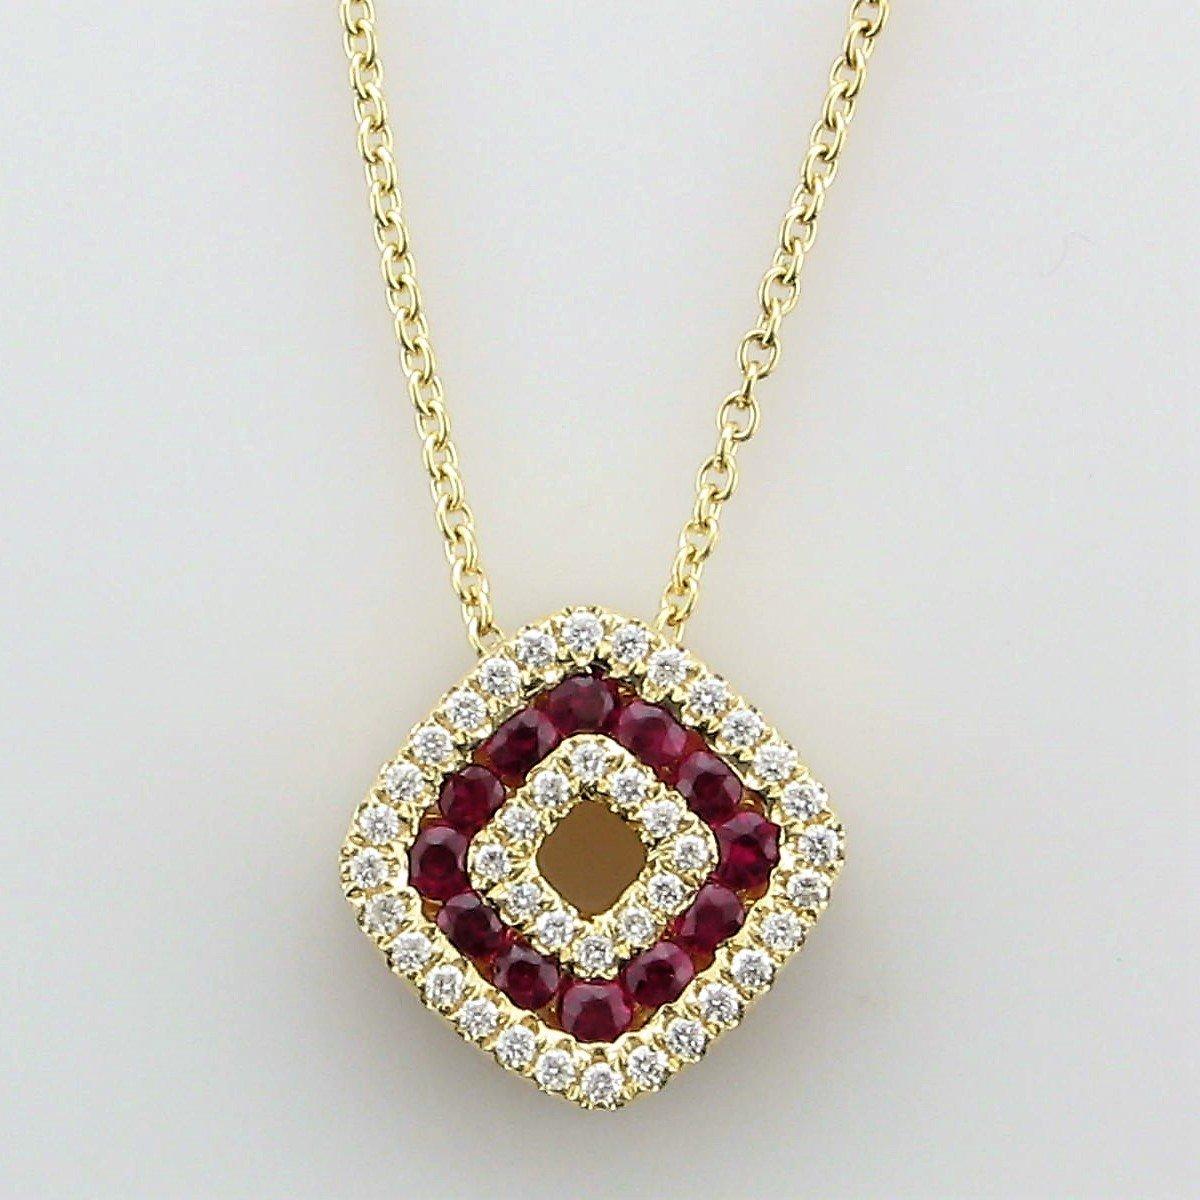 14K Yellow Gold Diamond & Ruby Diamond Shaped Necklace